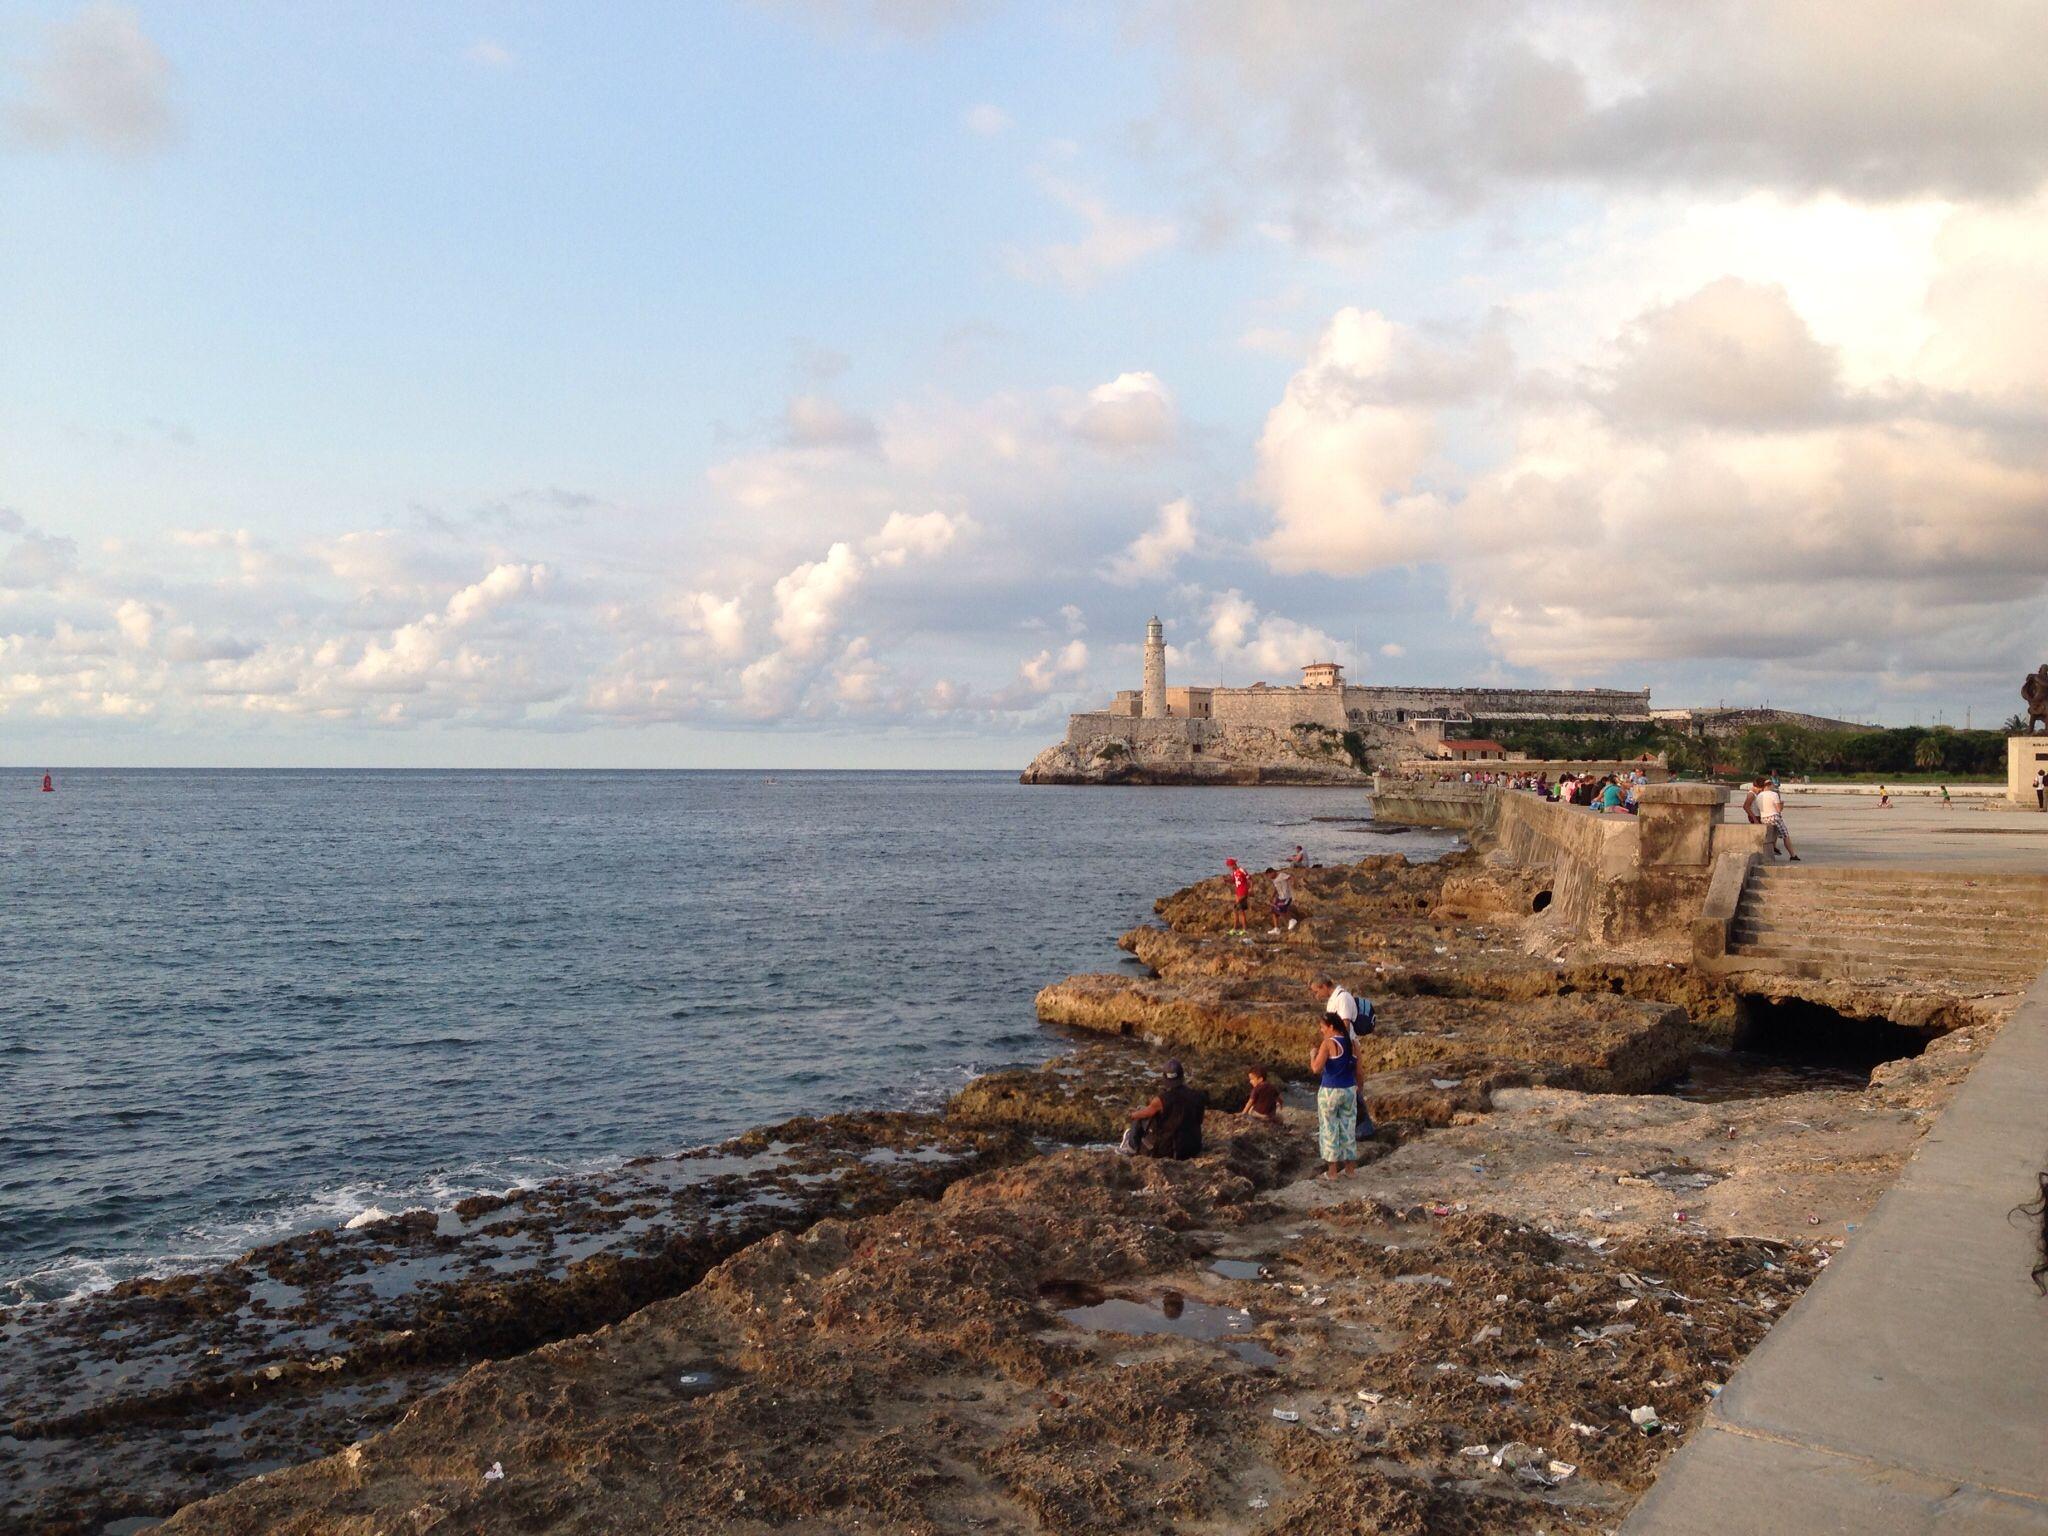 Malecón de Cuba